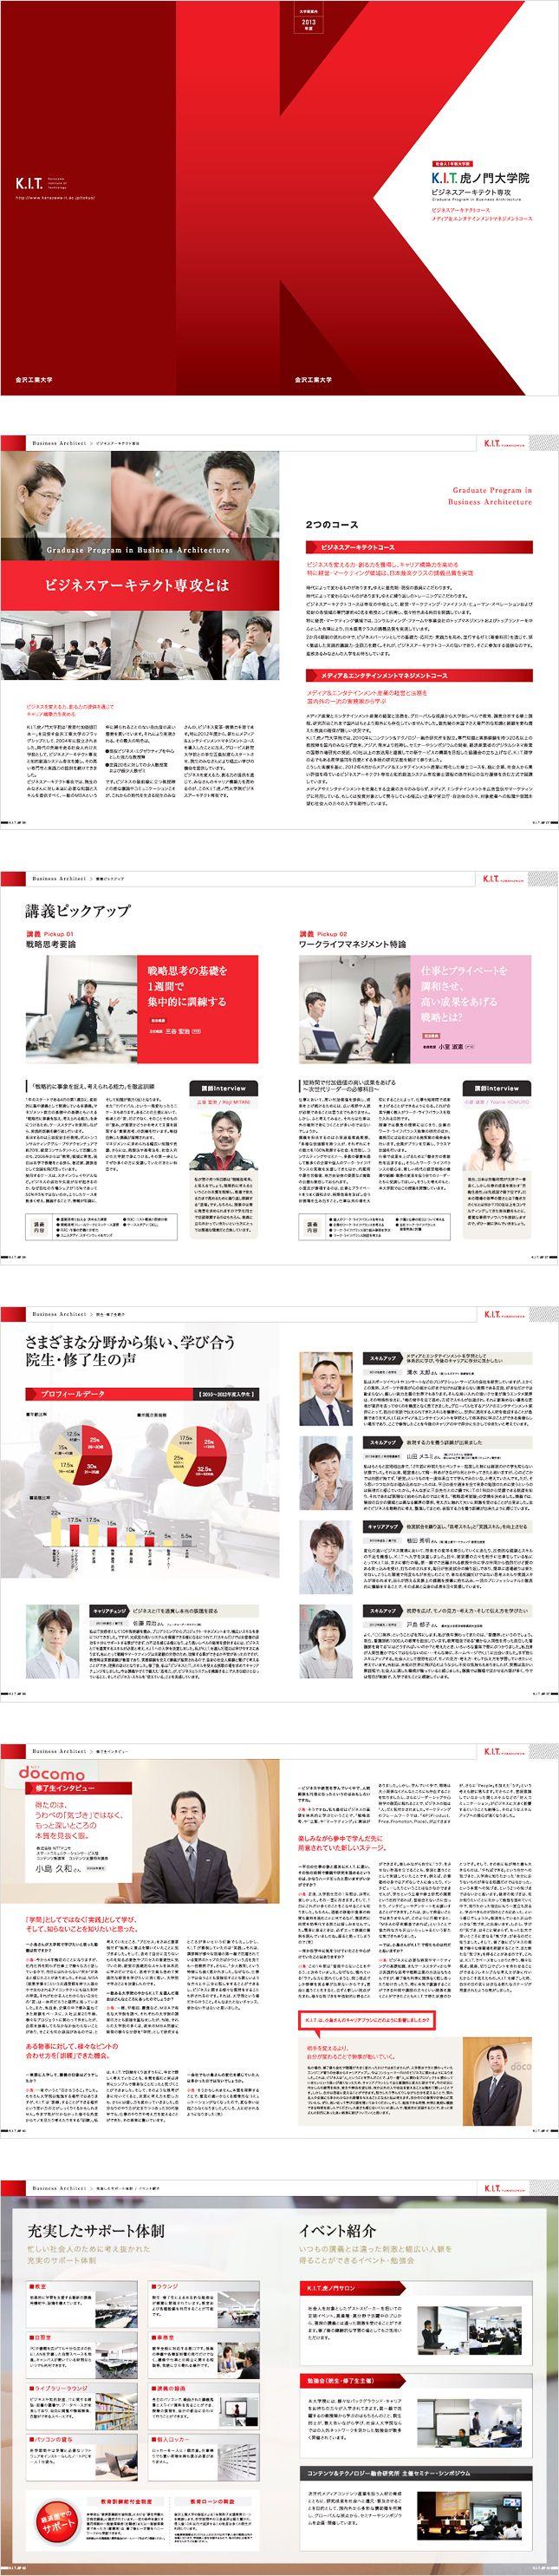 デザイン制作実績020/パンフレットデザイン.com